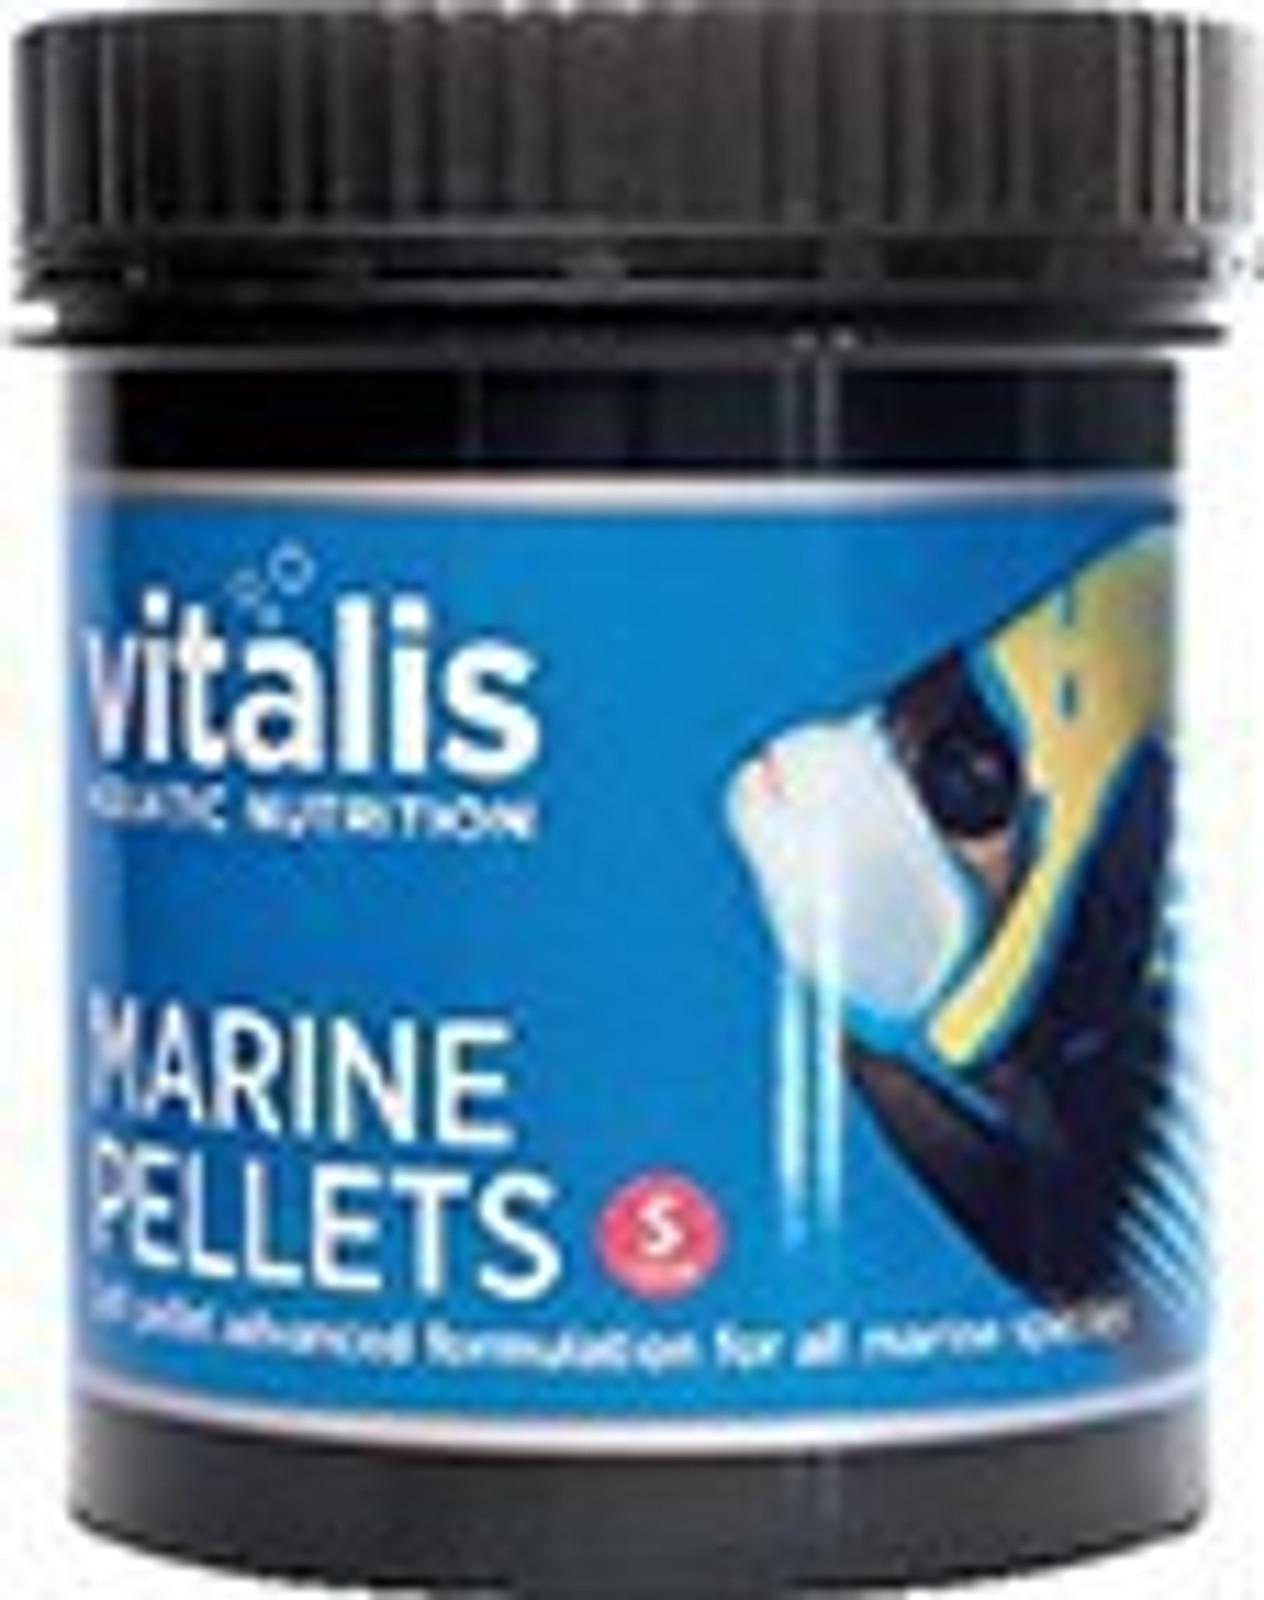 vitalis Marine Pellets 60 g Ø 1 mm für Meerwasserfische – Bild 1